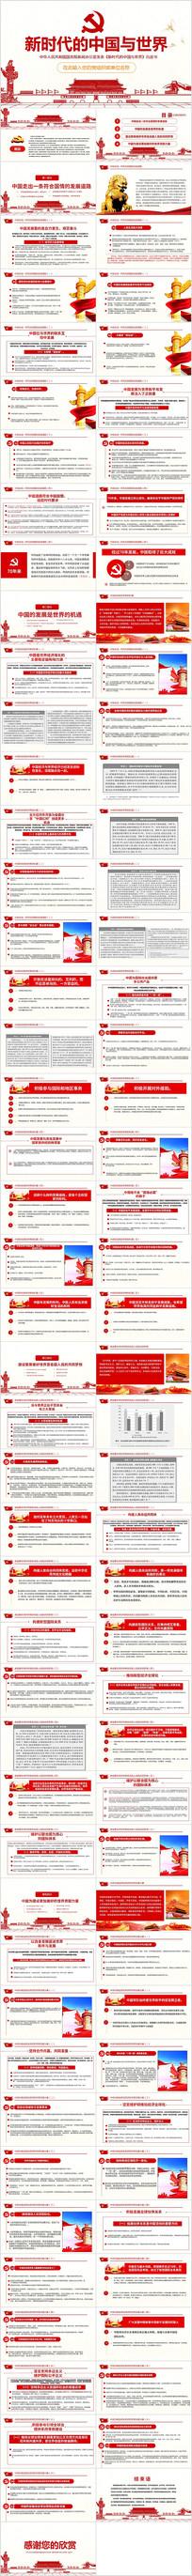 新时代的中国与世界白皮书PPT